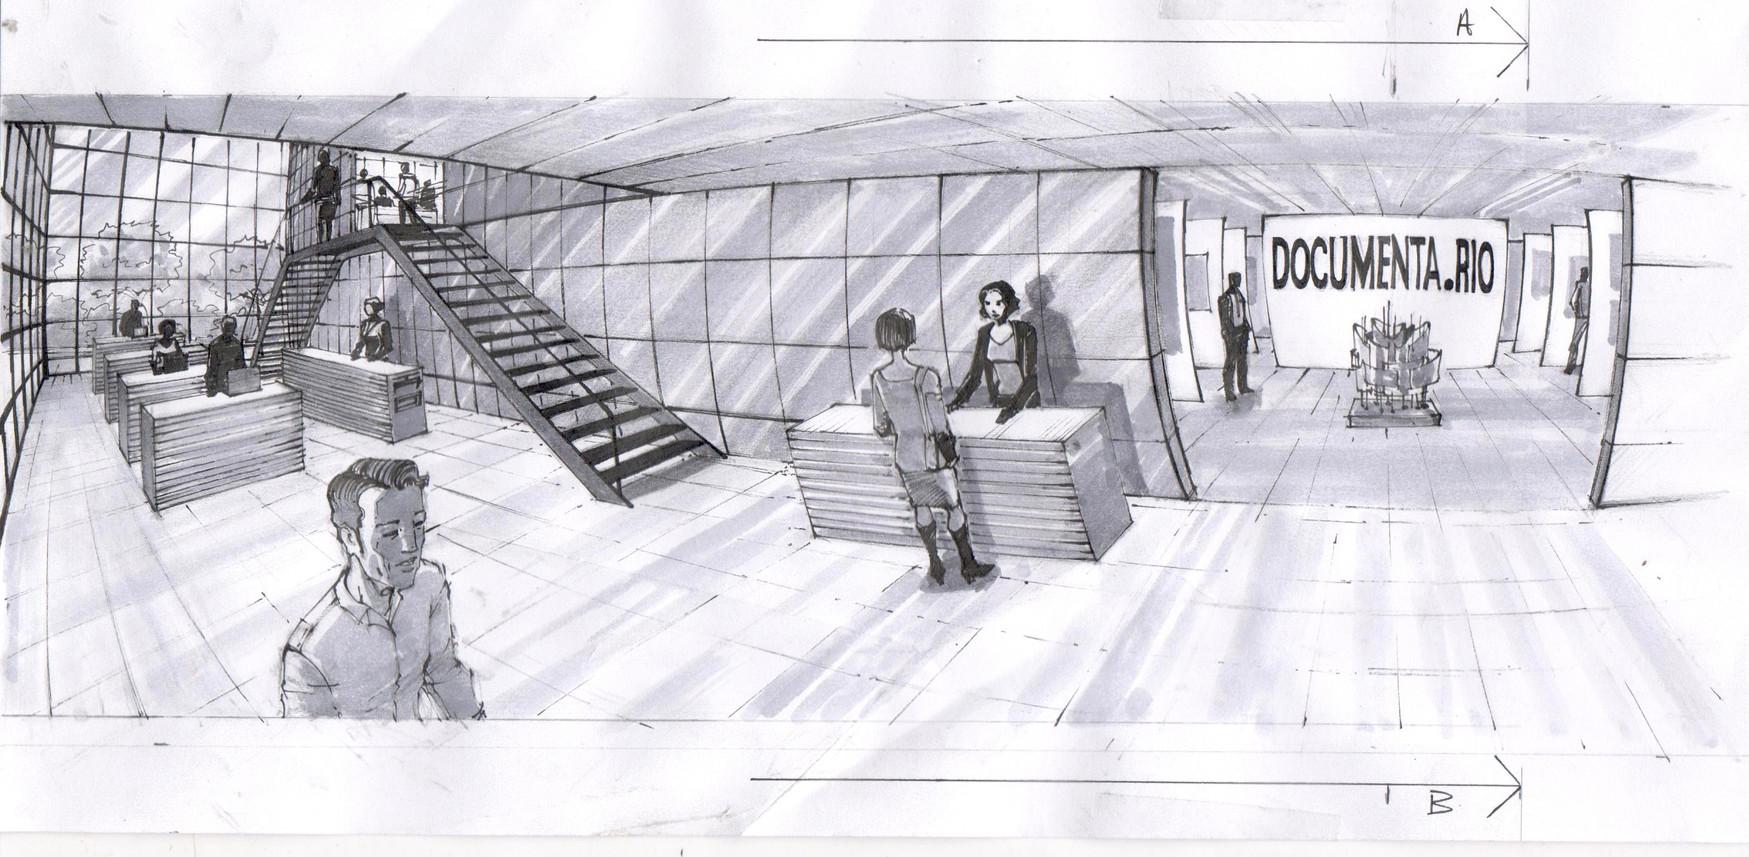 4 mam interior 4.jpg